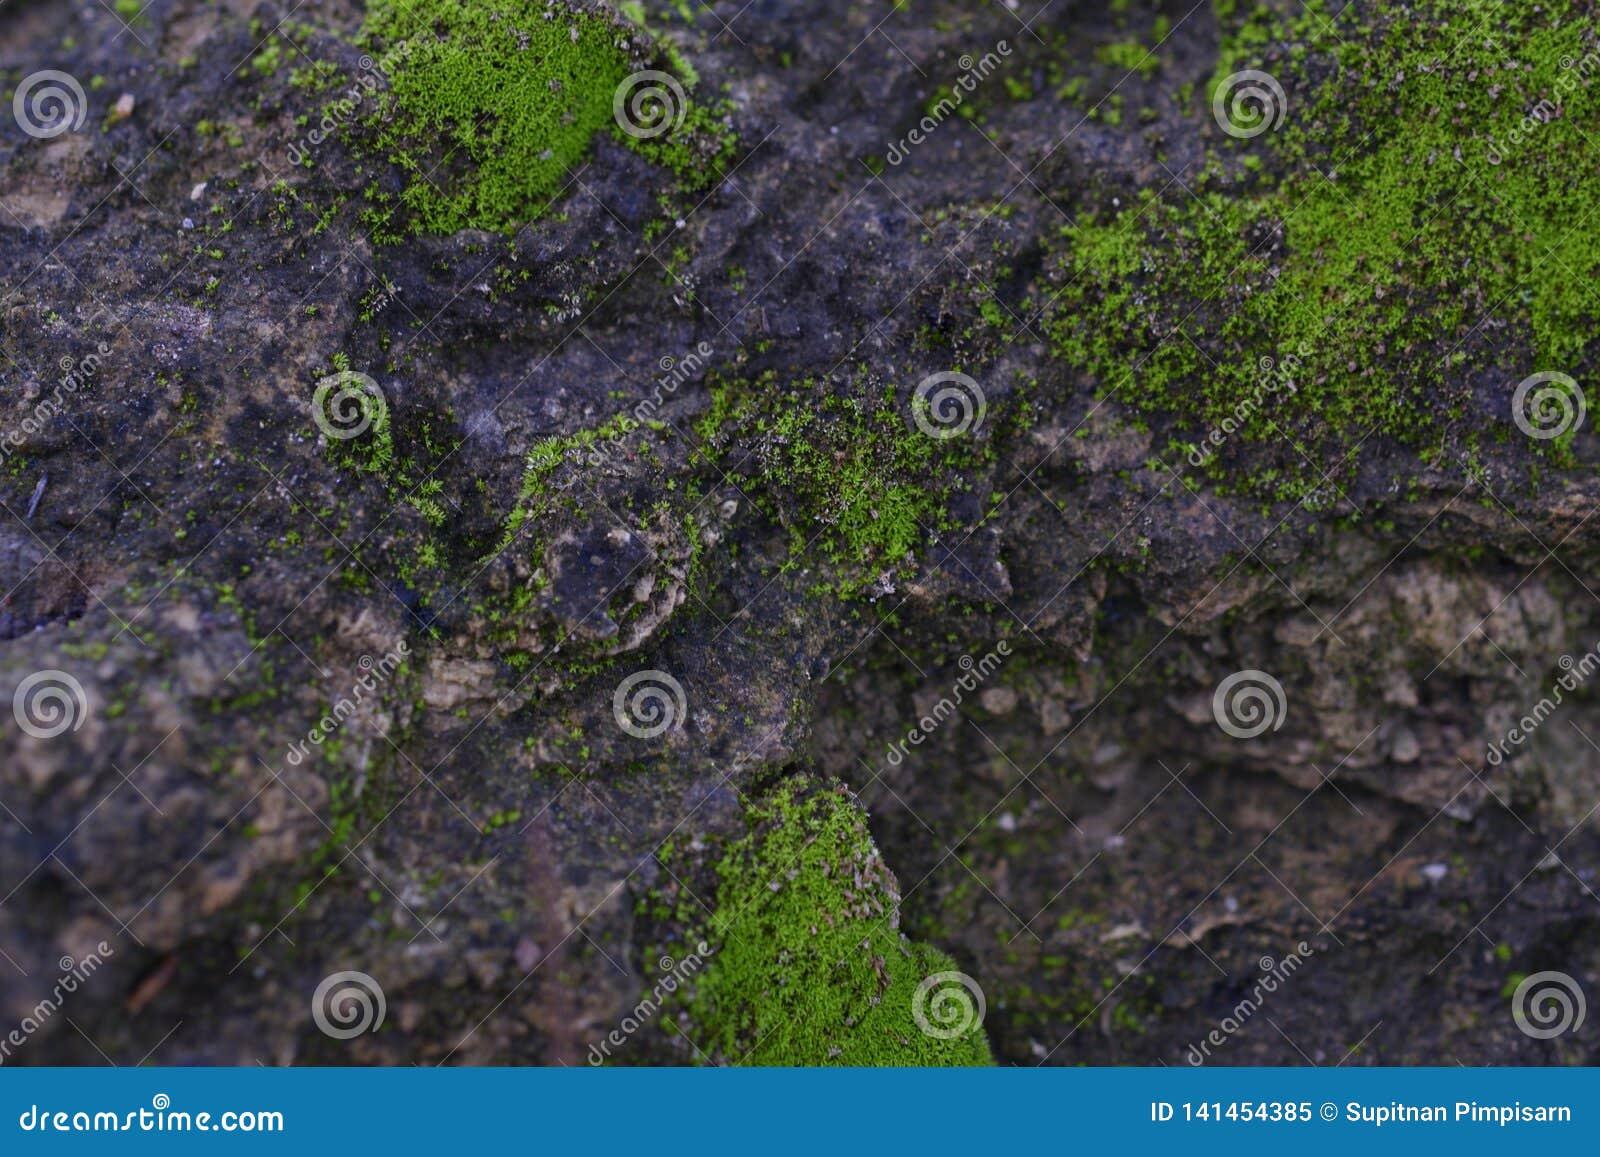 绿色青苔纹理在岩石表面背景影像增长